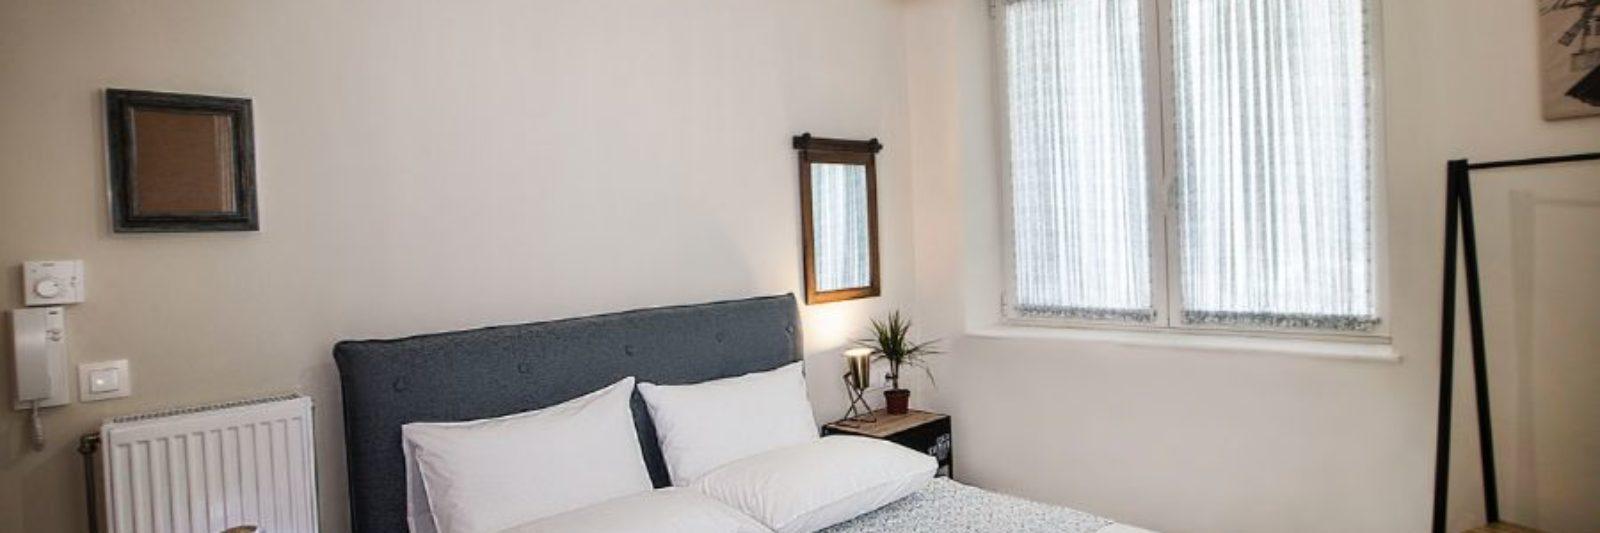 Apartment 1 Featured